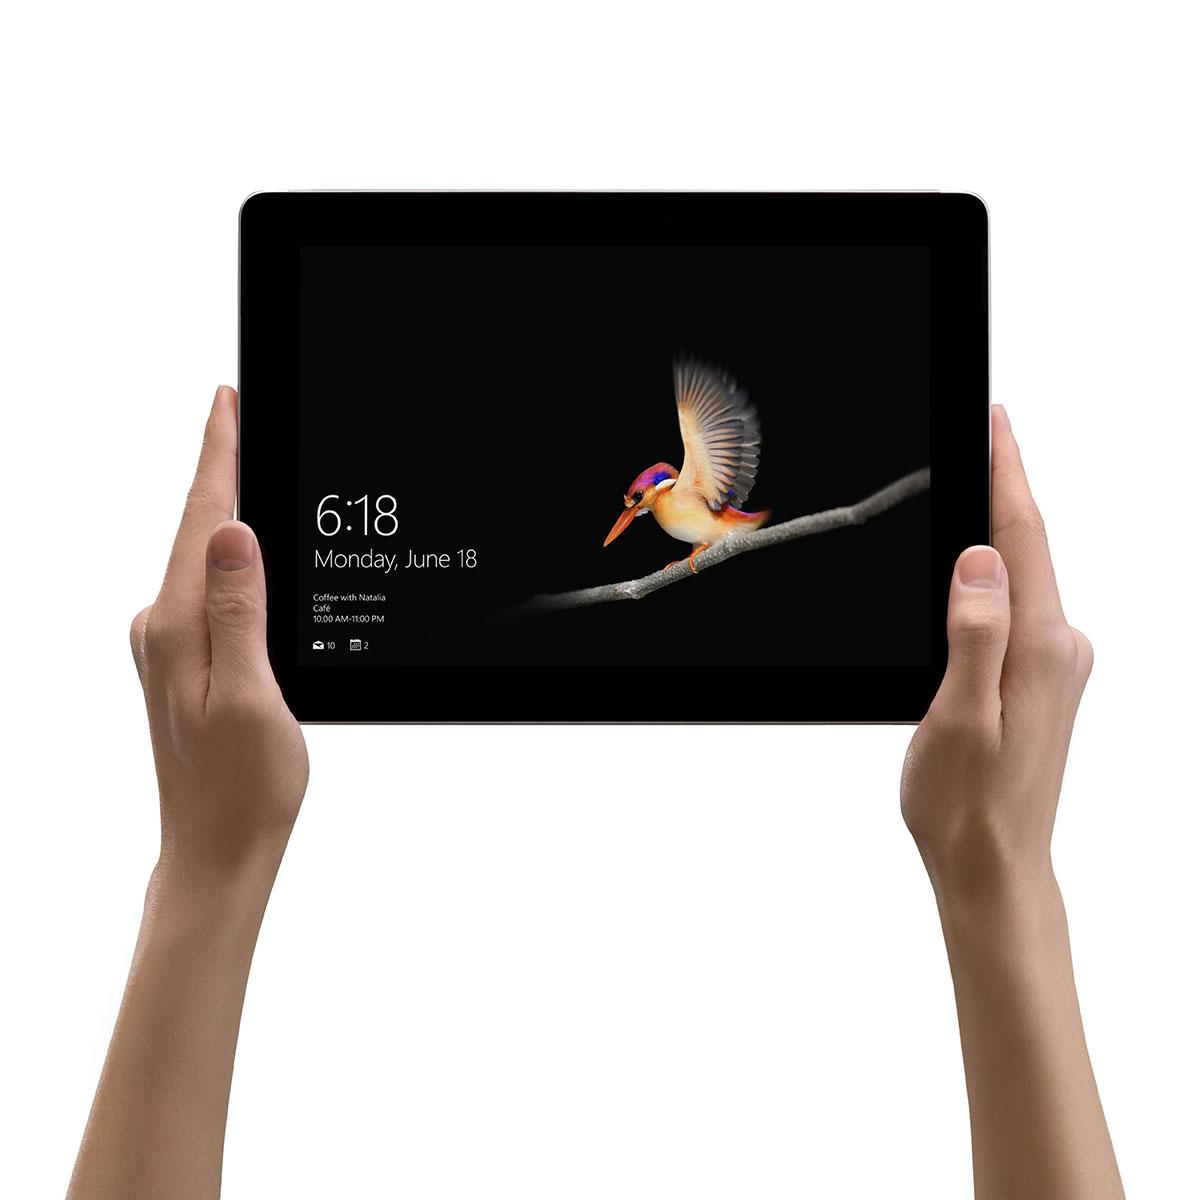 マイクロソフトから10型タブレット「Surface Go」が発売